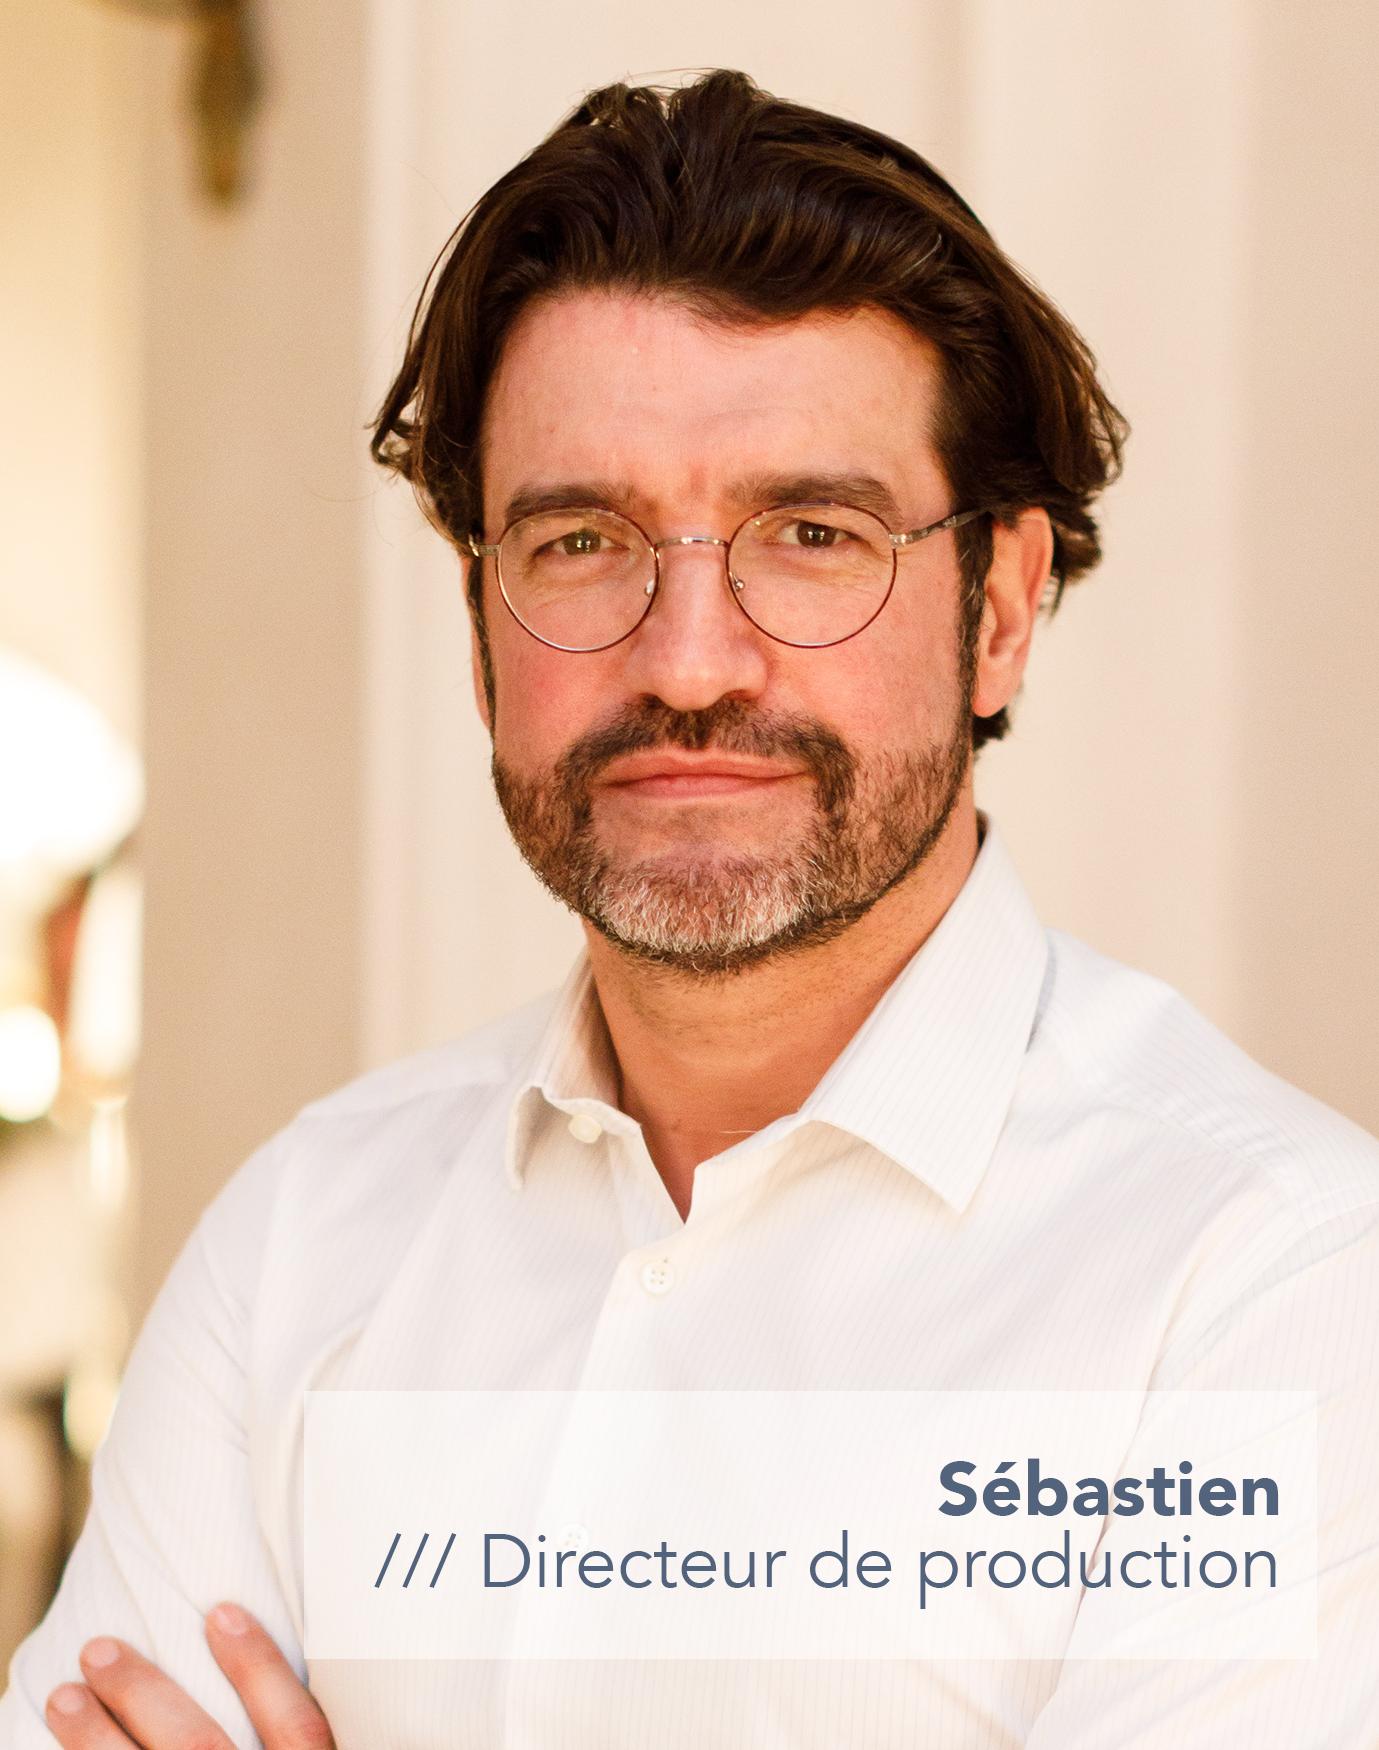 Sebastien Gizolme